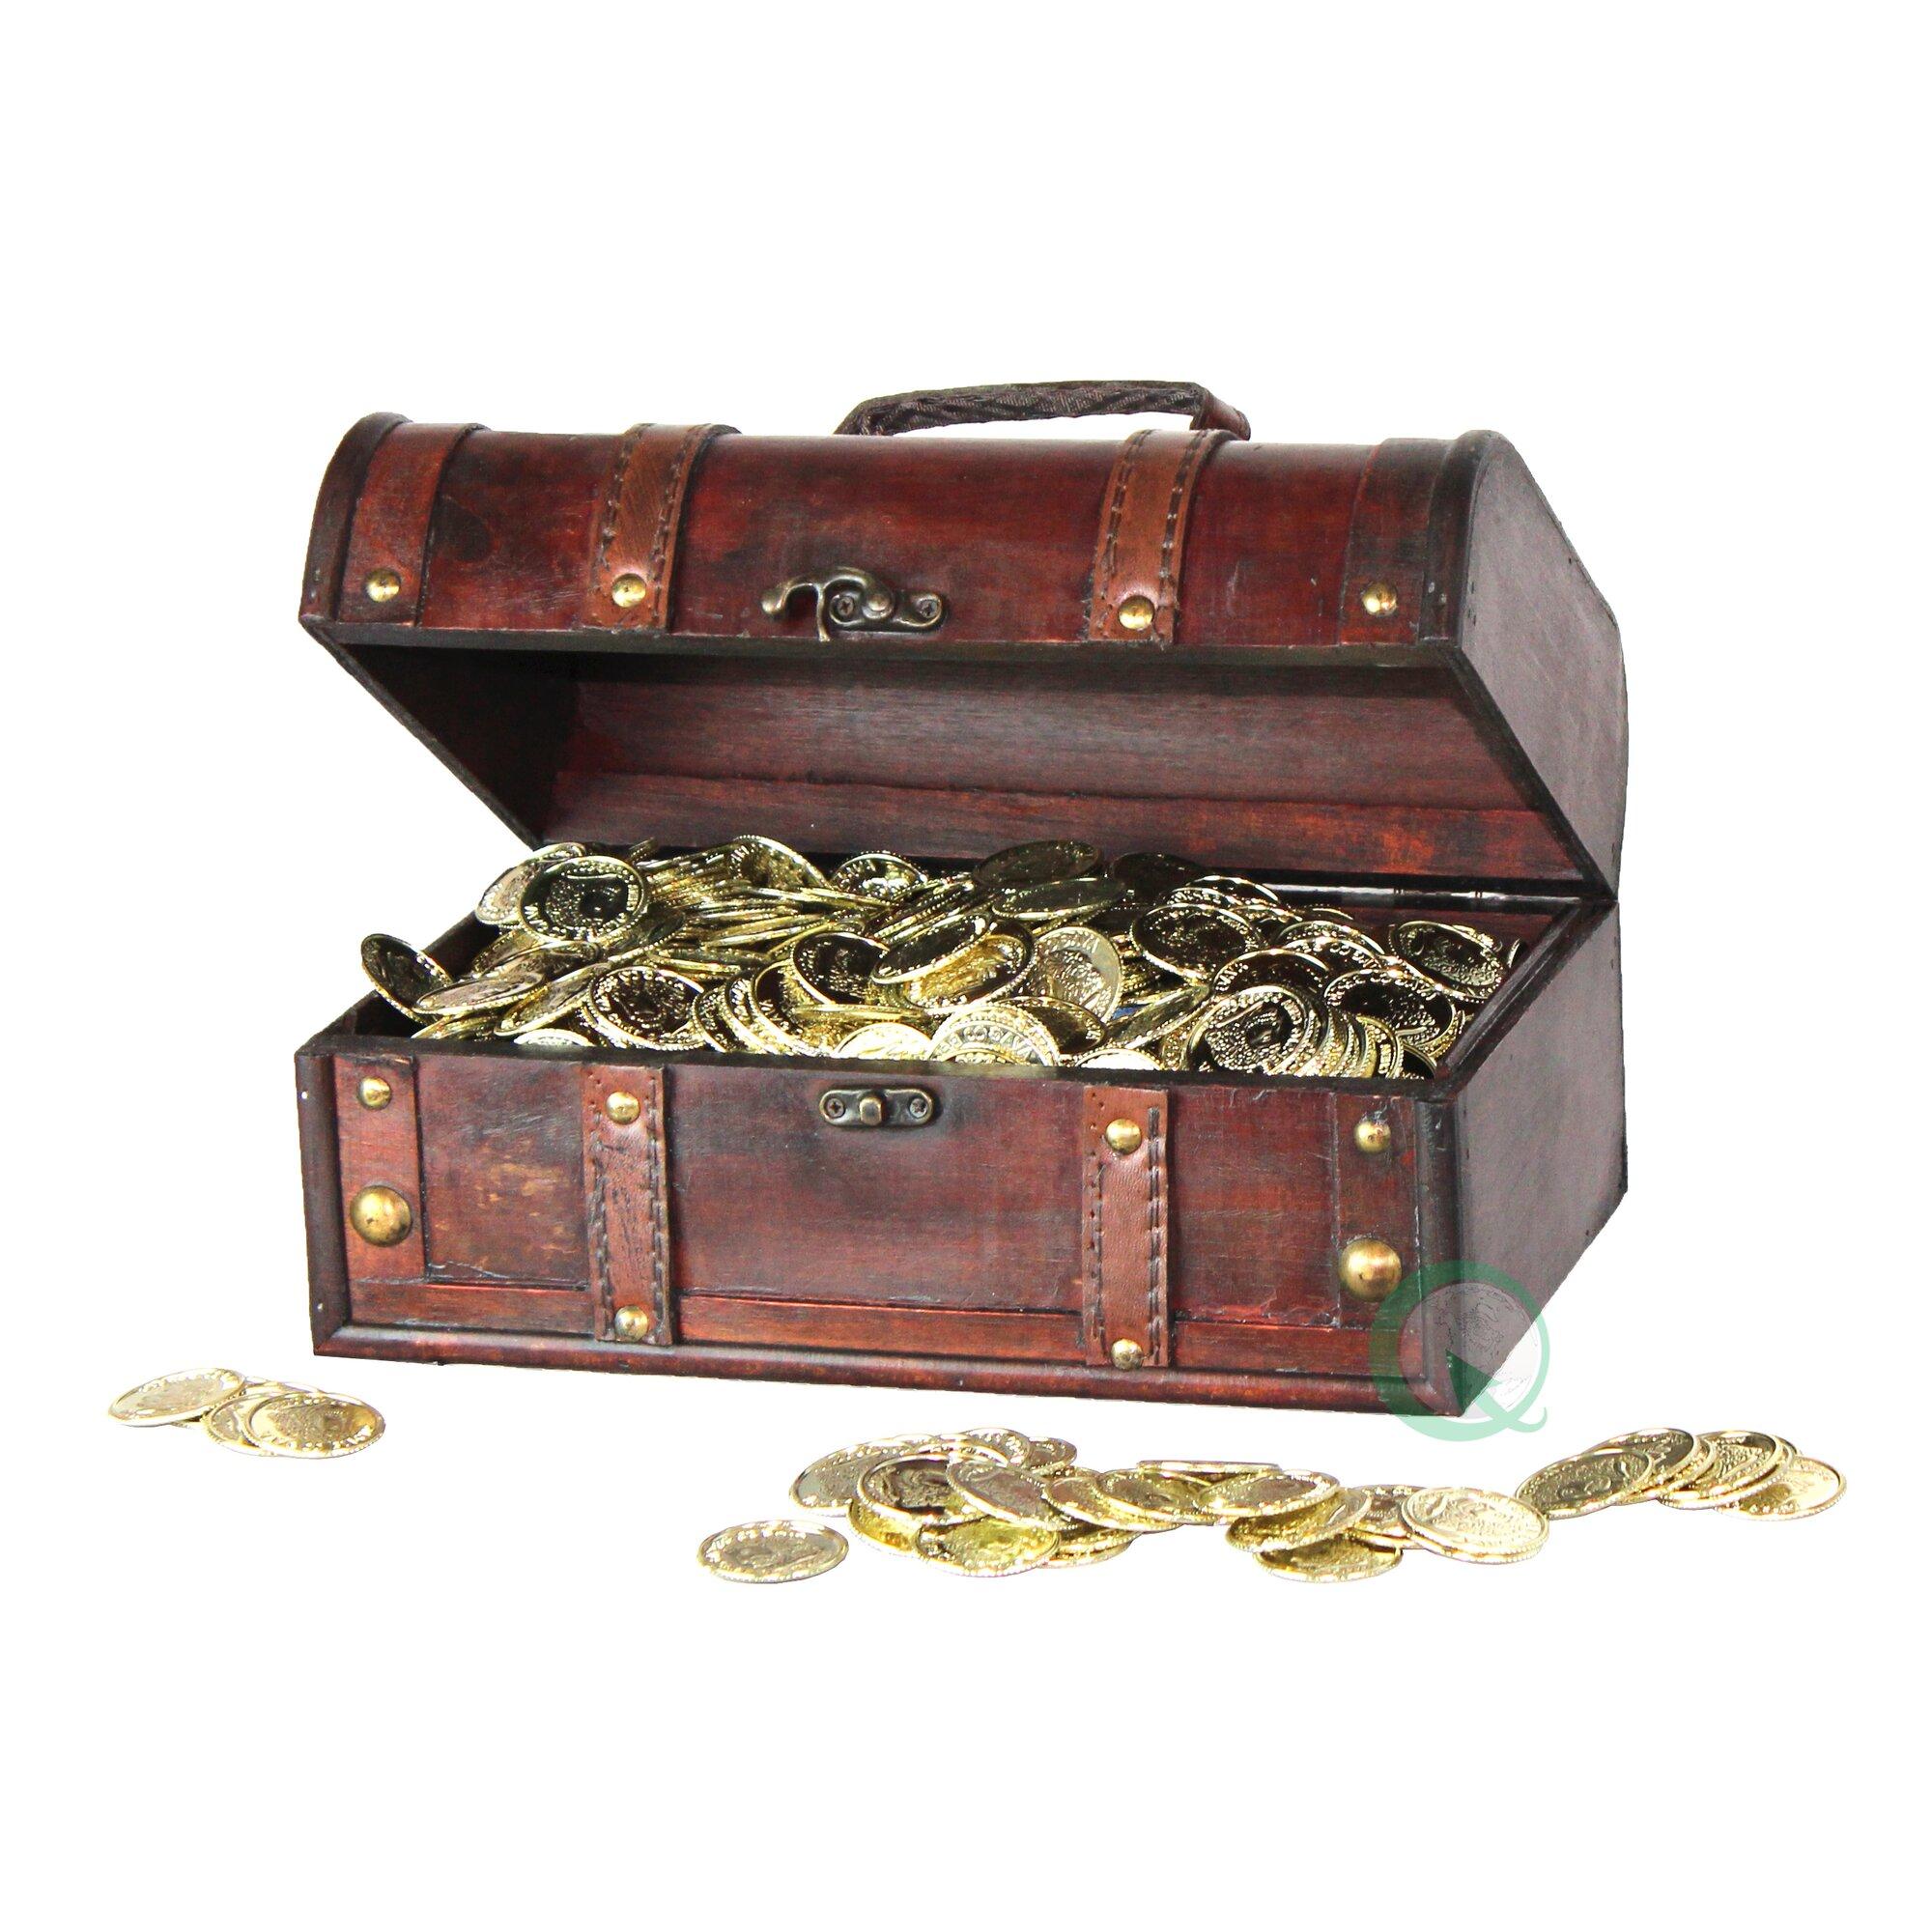 pirate treasure chest decorative box - Decorative Box